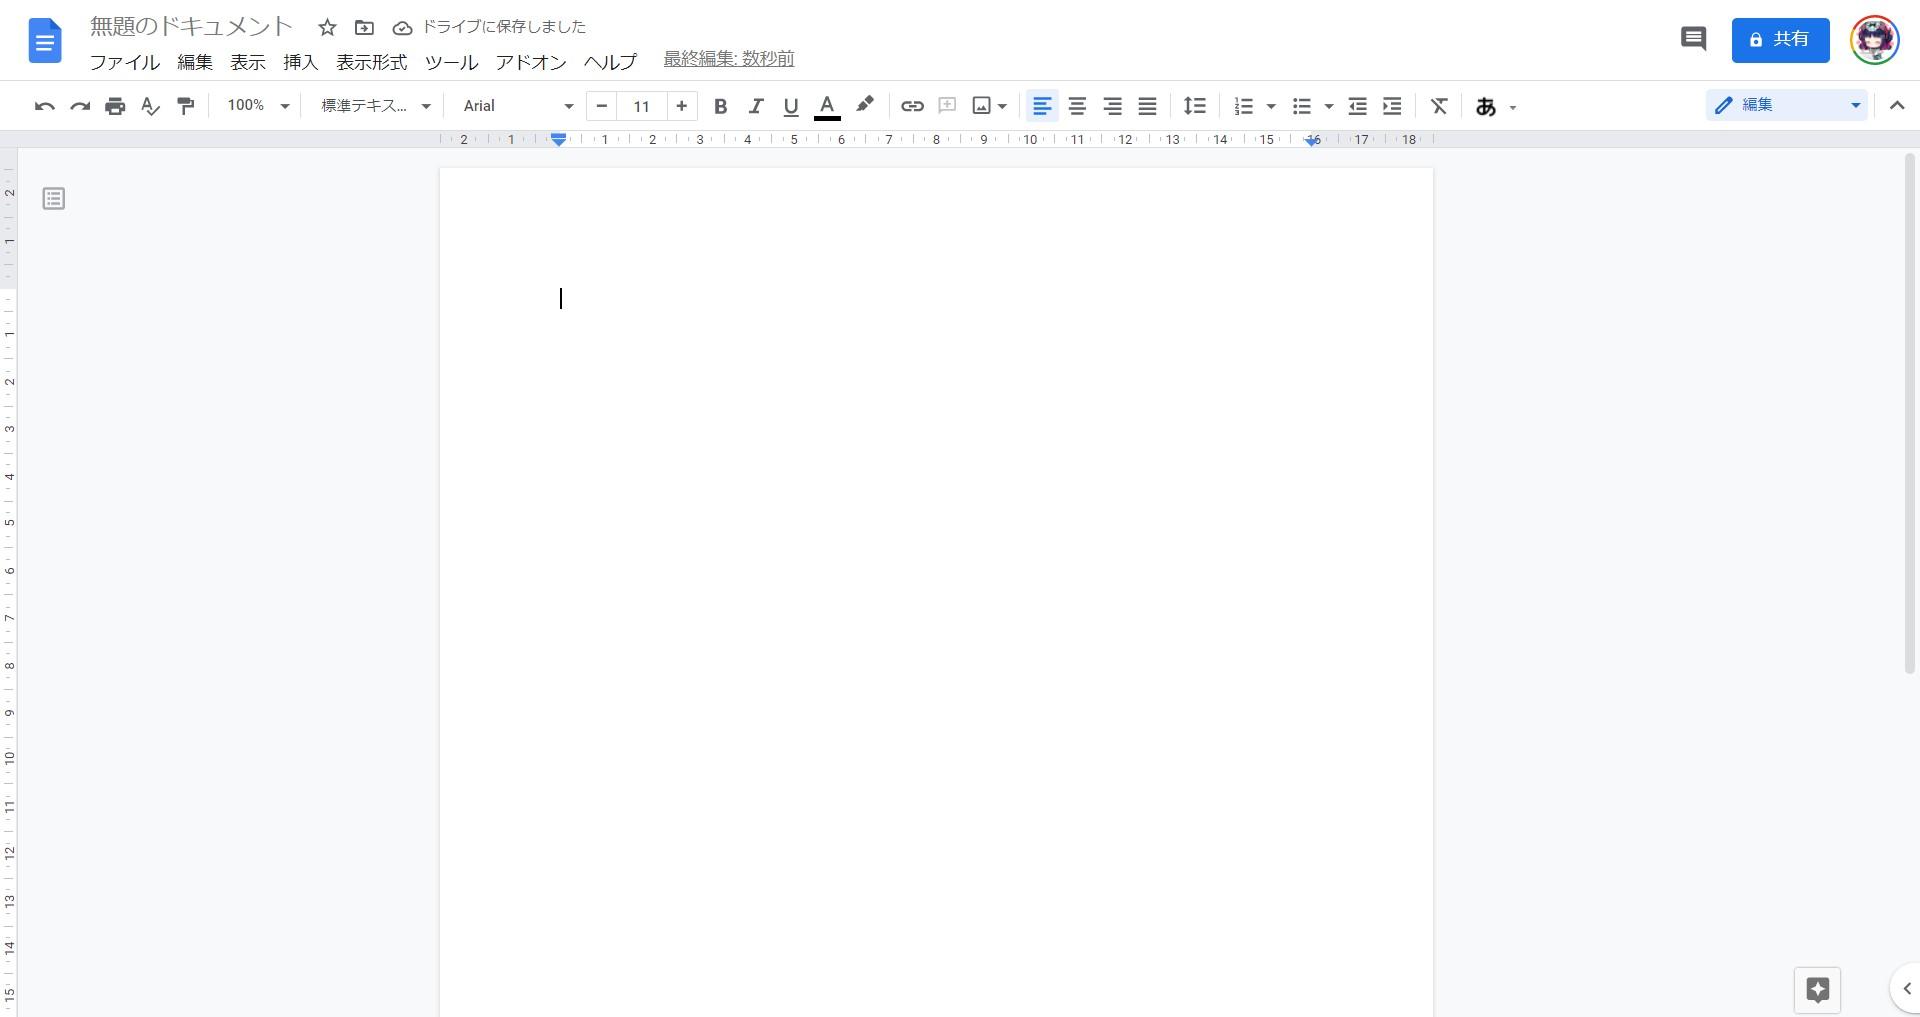 【Chrome book】音声入力で文字入力する方法【GIGAスクール関連】